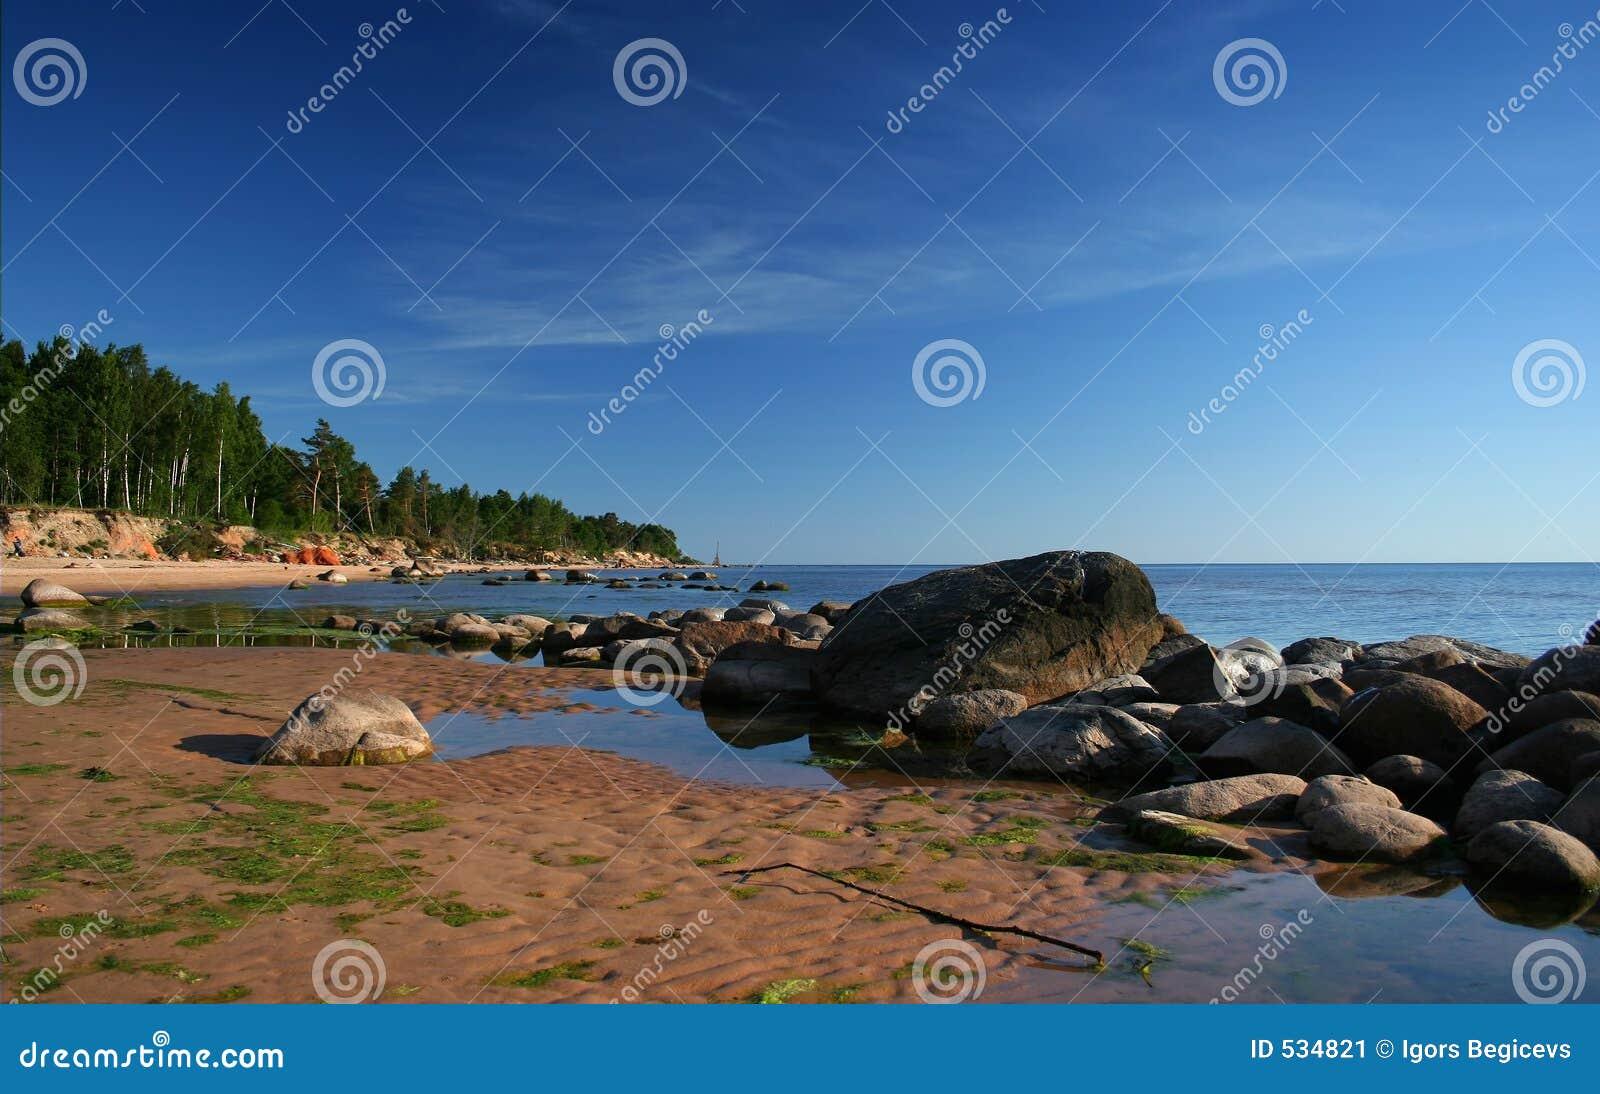 Download 波罗的海 库存图片. 图片 包括有 沙子, 夏天, 海洋, 群岛, 蓝色, 黄色, 石头, 云彩, 横向, 杉木 - 534821